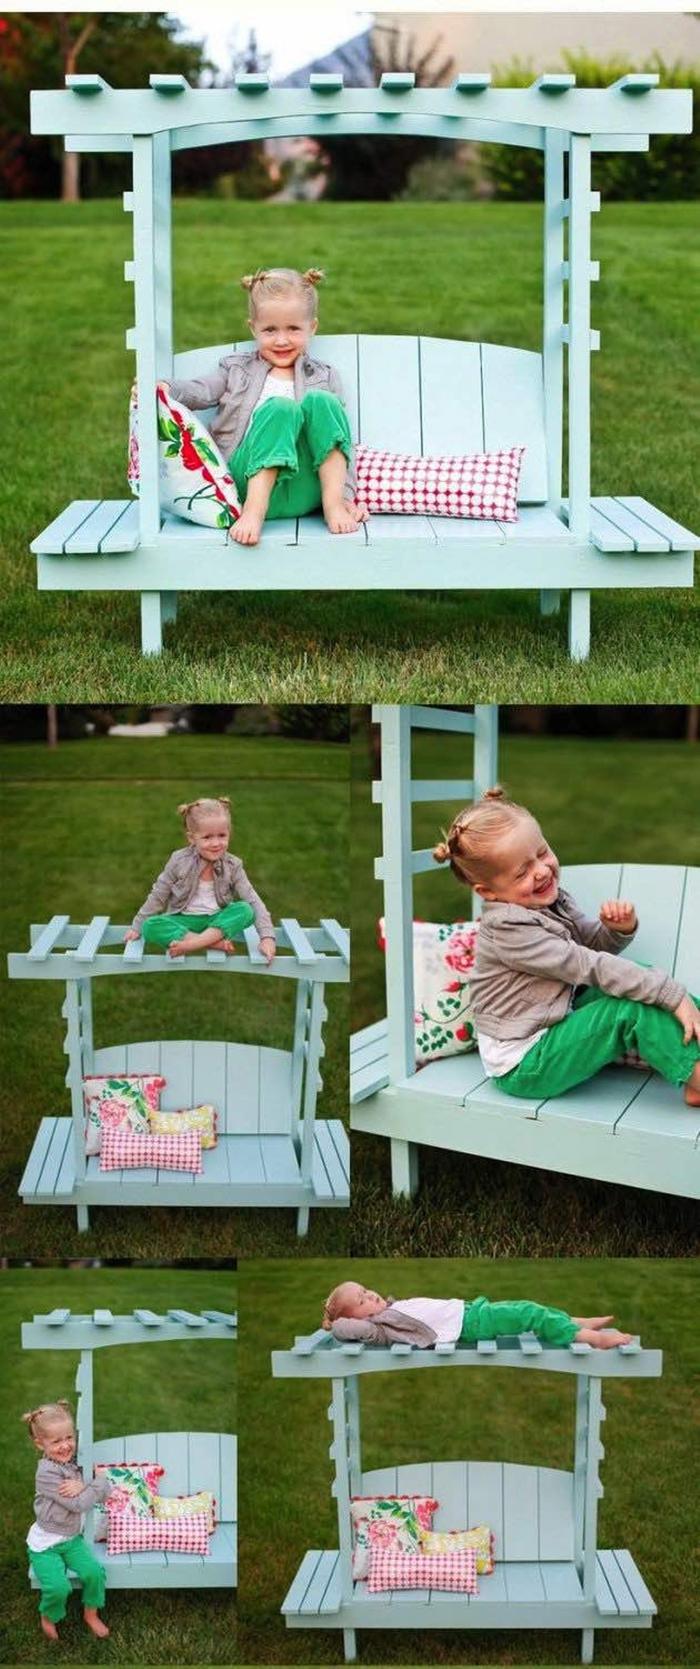 idées originales pour fabriquer meubles jardin avec des palettes, un chouette pergola en palette pour enfant avec banc